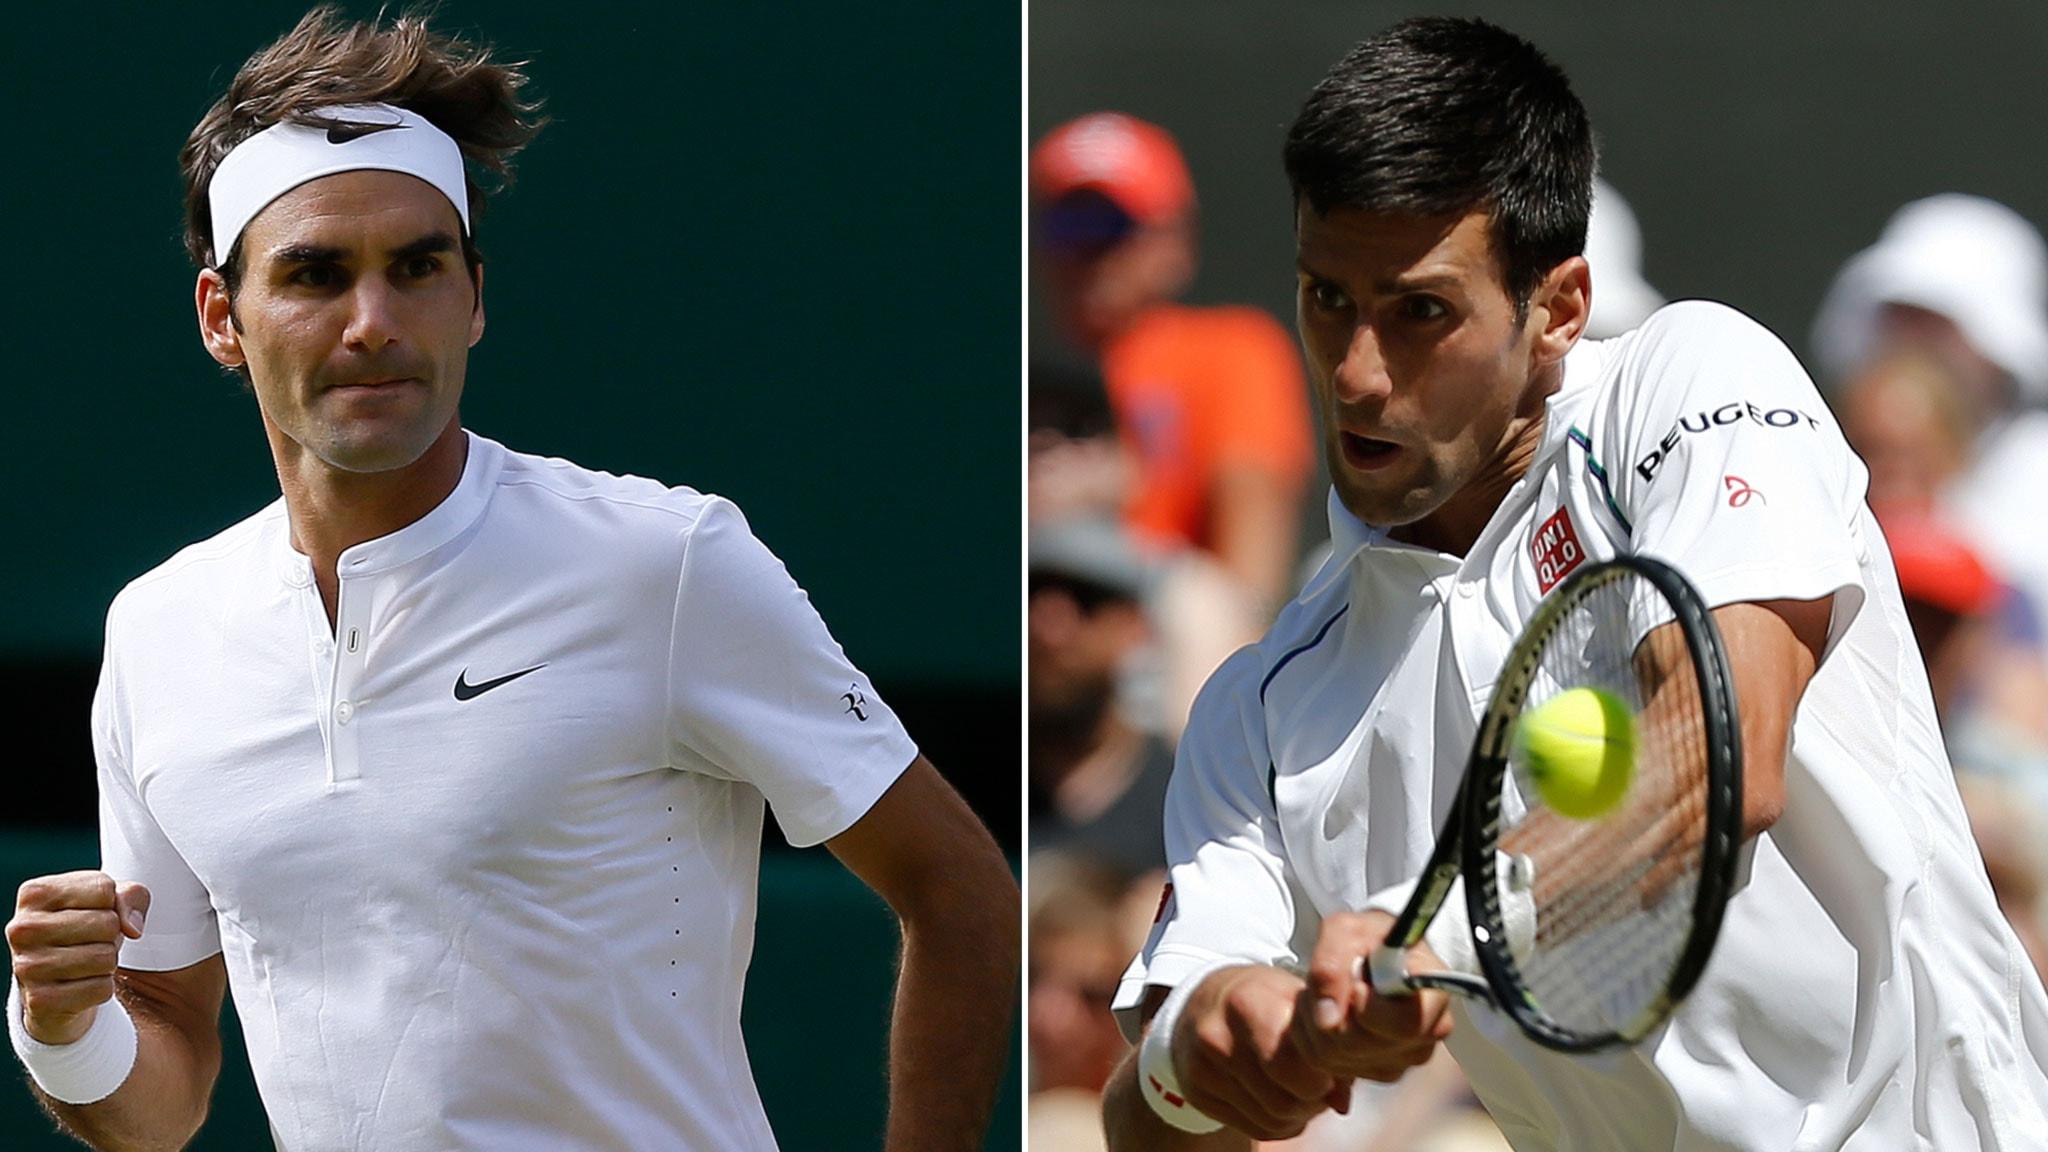 Federer vann makalos match